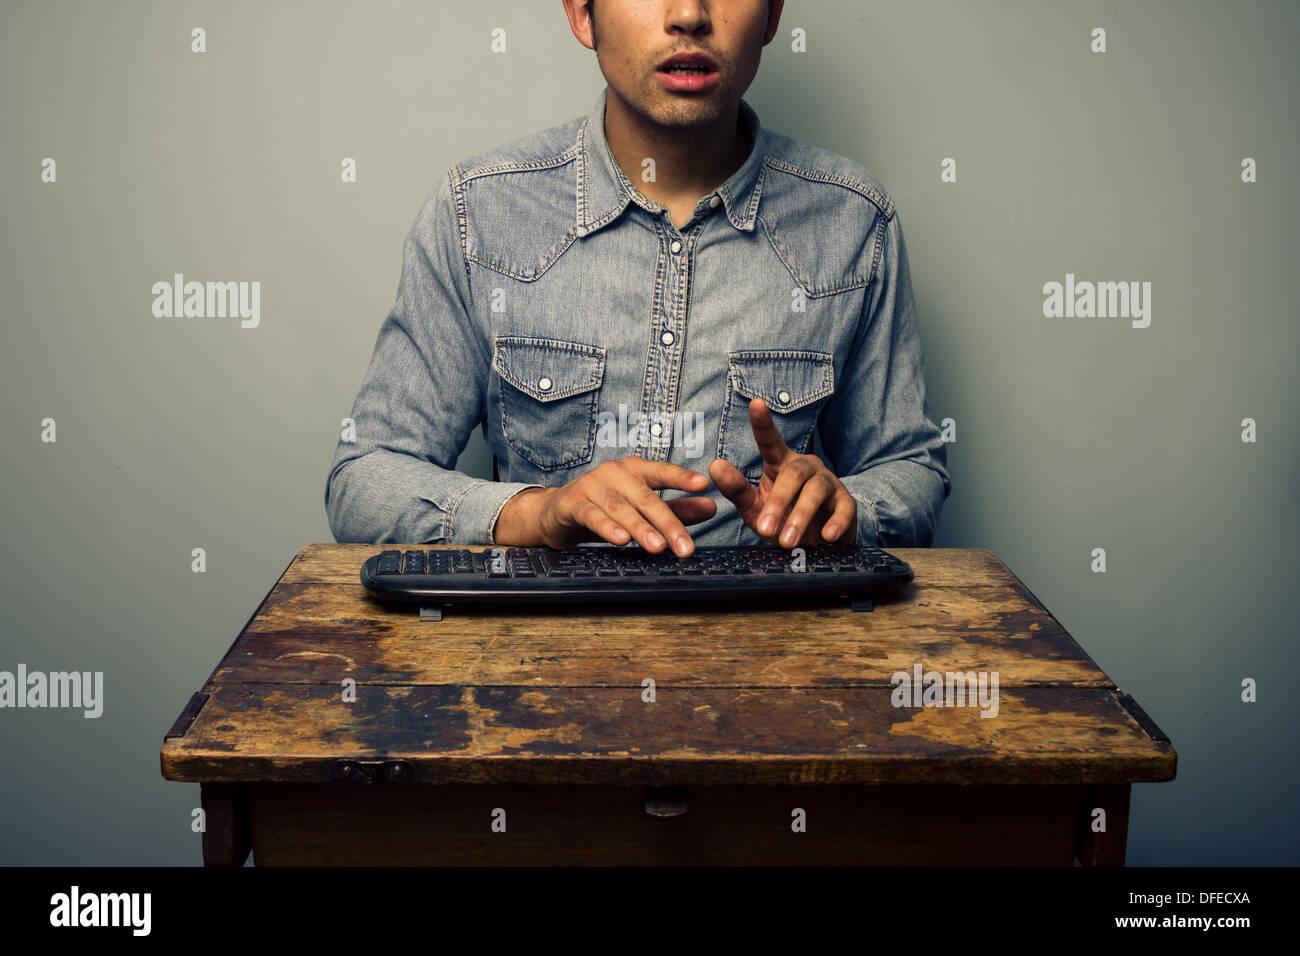 Joven está sentado en un viejo escritorio de madera y escribir en un teclado inalámbrico Imagen De Stock